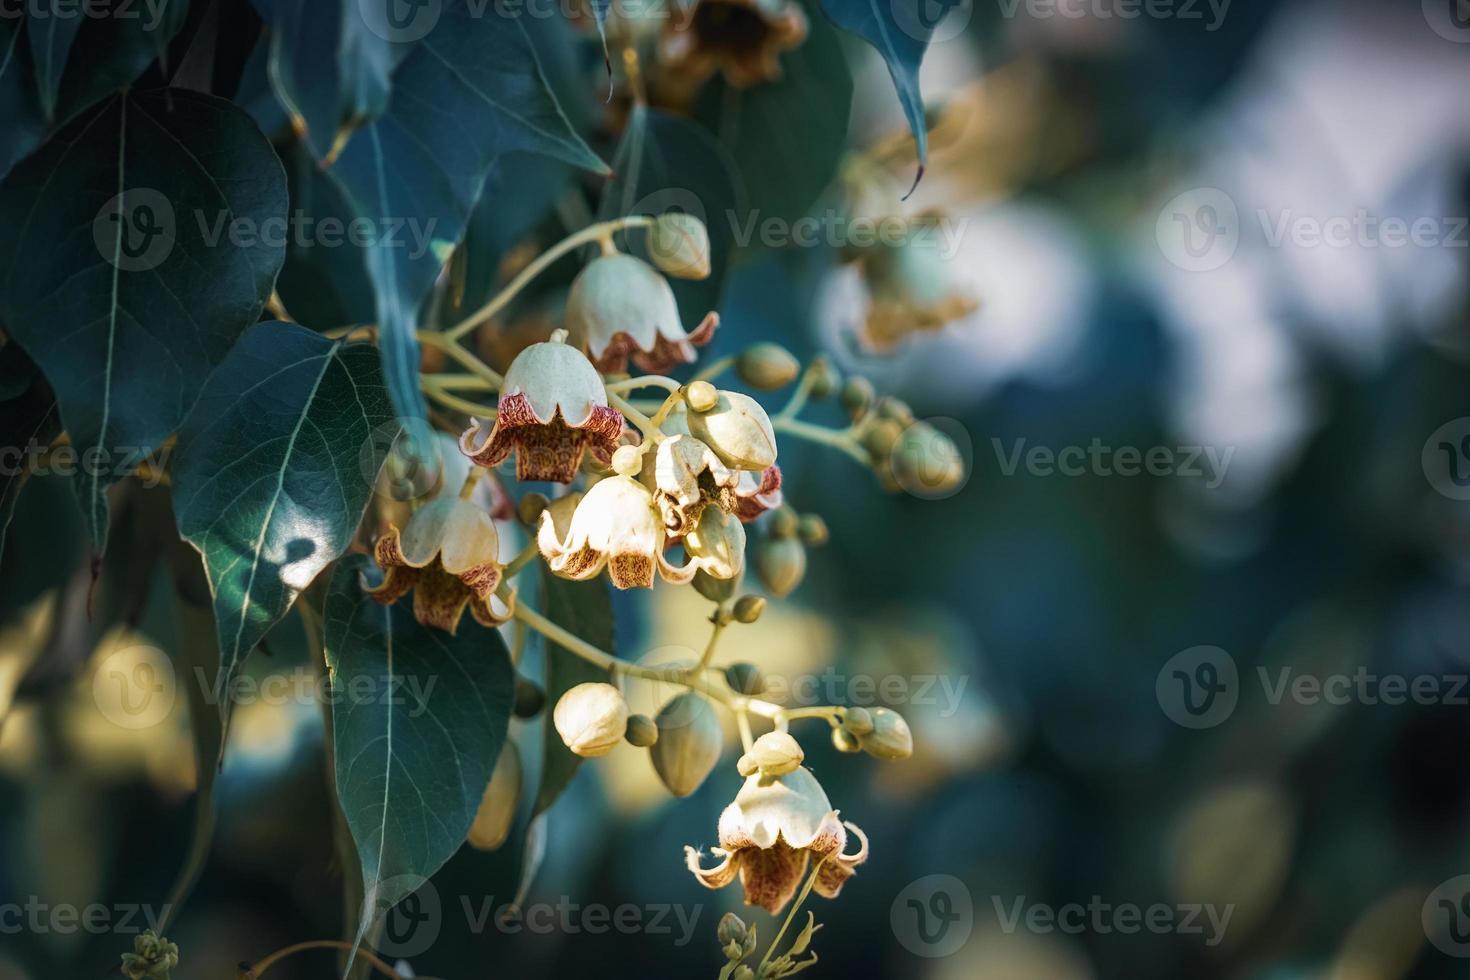 pequenas flores e botões de árvore de garrafa foto